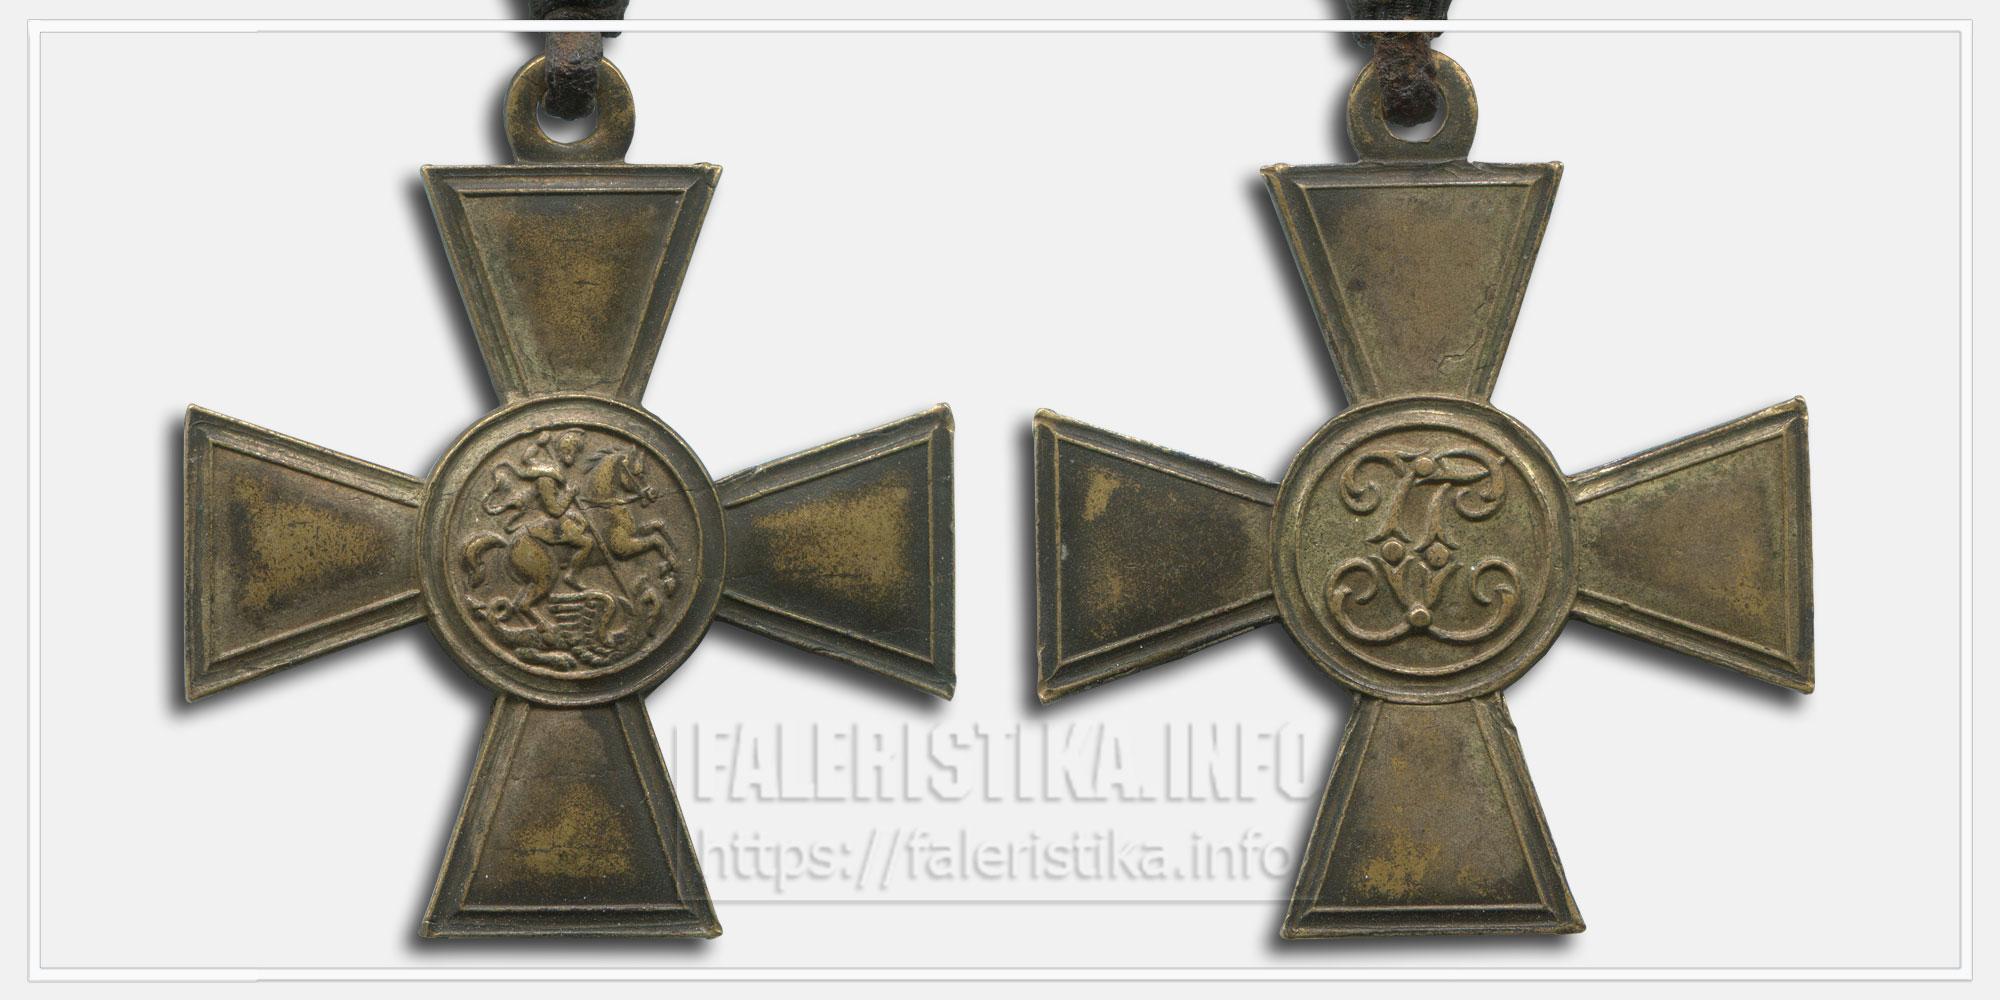 Георгиевский крест 4 ст. (Чехословацкий корпус)